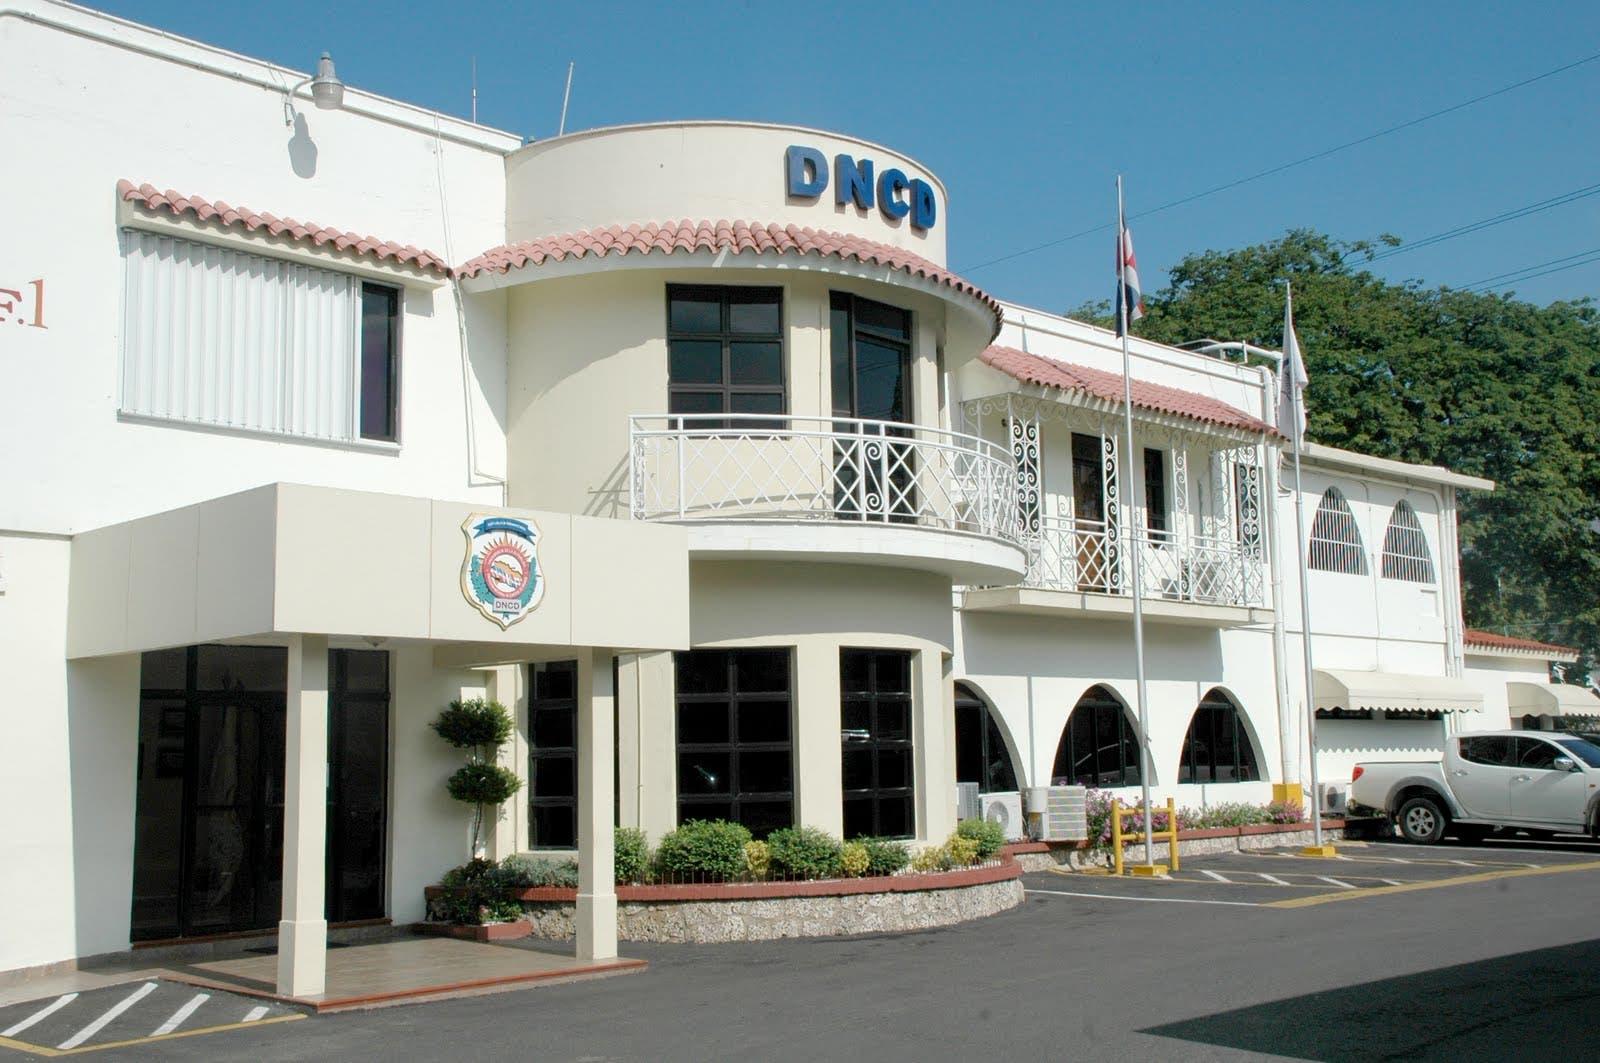 Denuncia agentes de la DNCD allanaron casa de manera ilegal